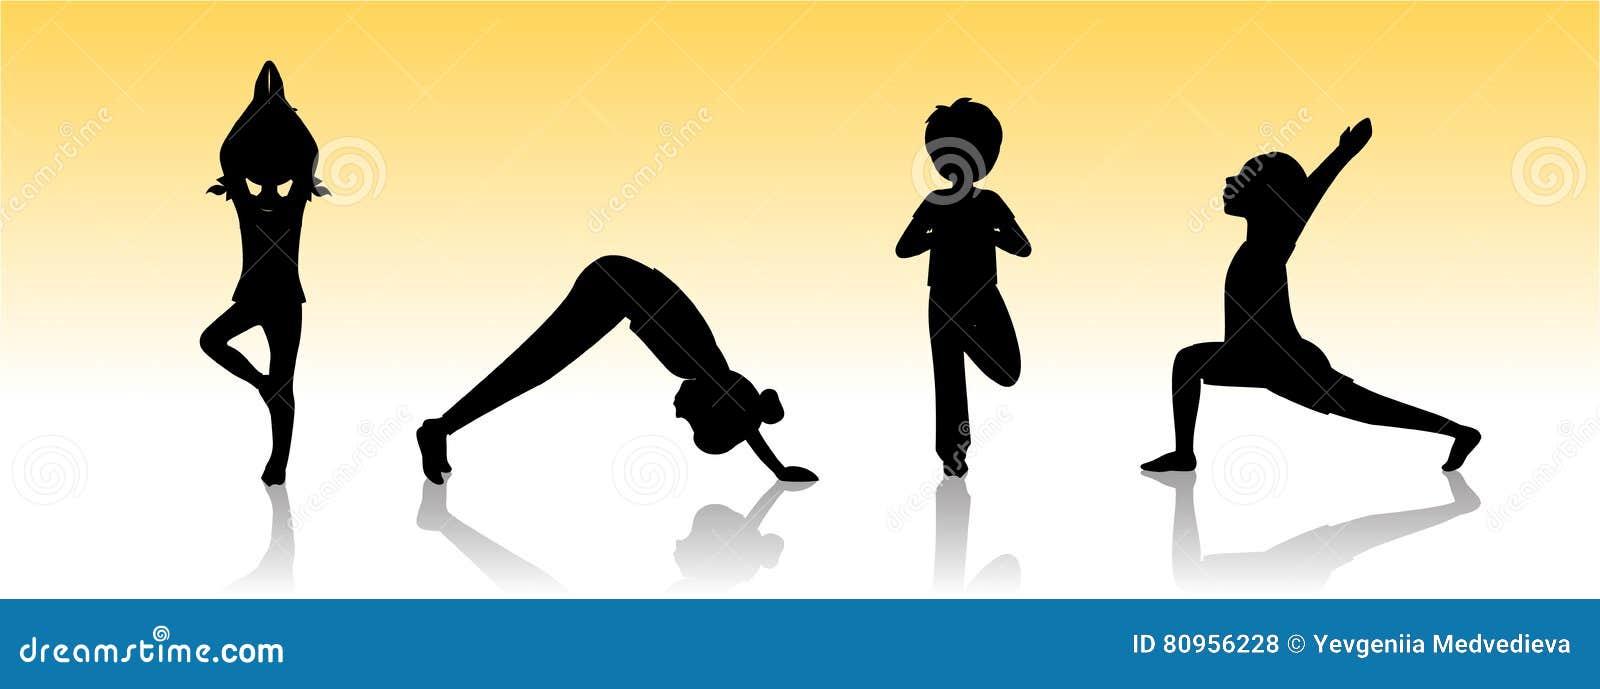 Yoga Kids Asanas Poses Silhouette Stock Vector Illustration Of Children Health 80956228